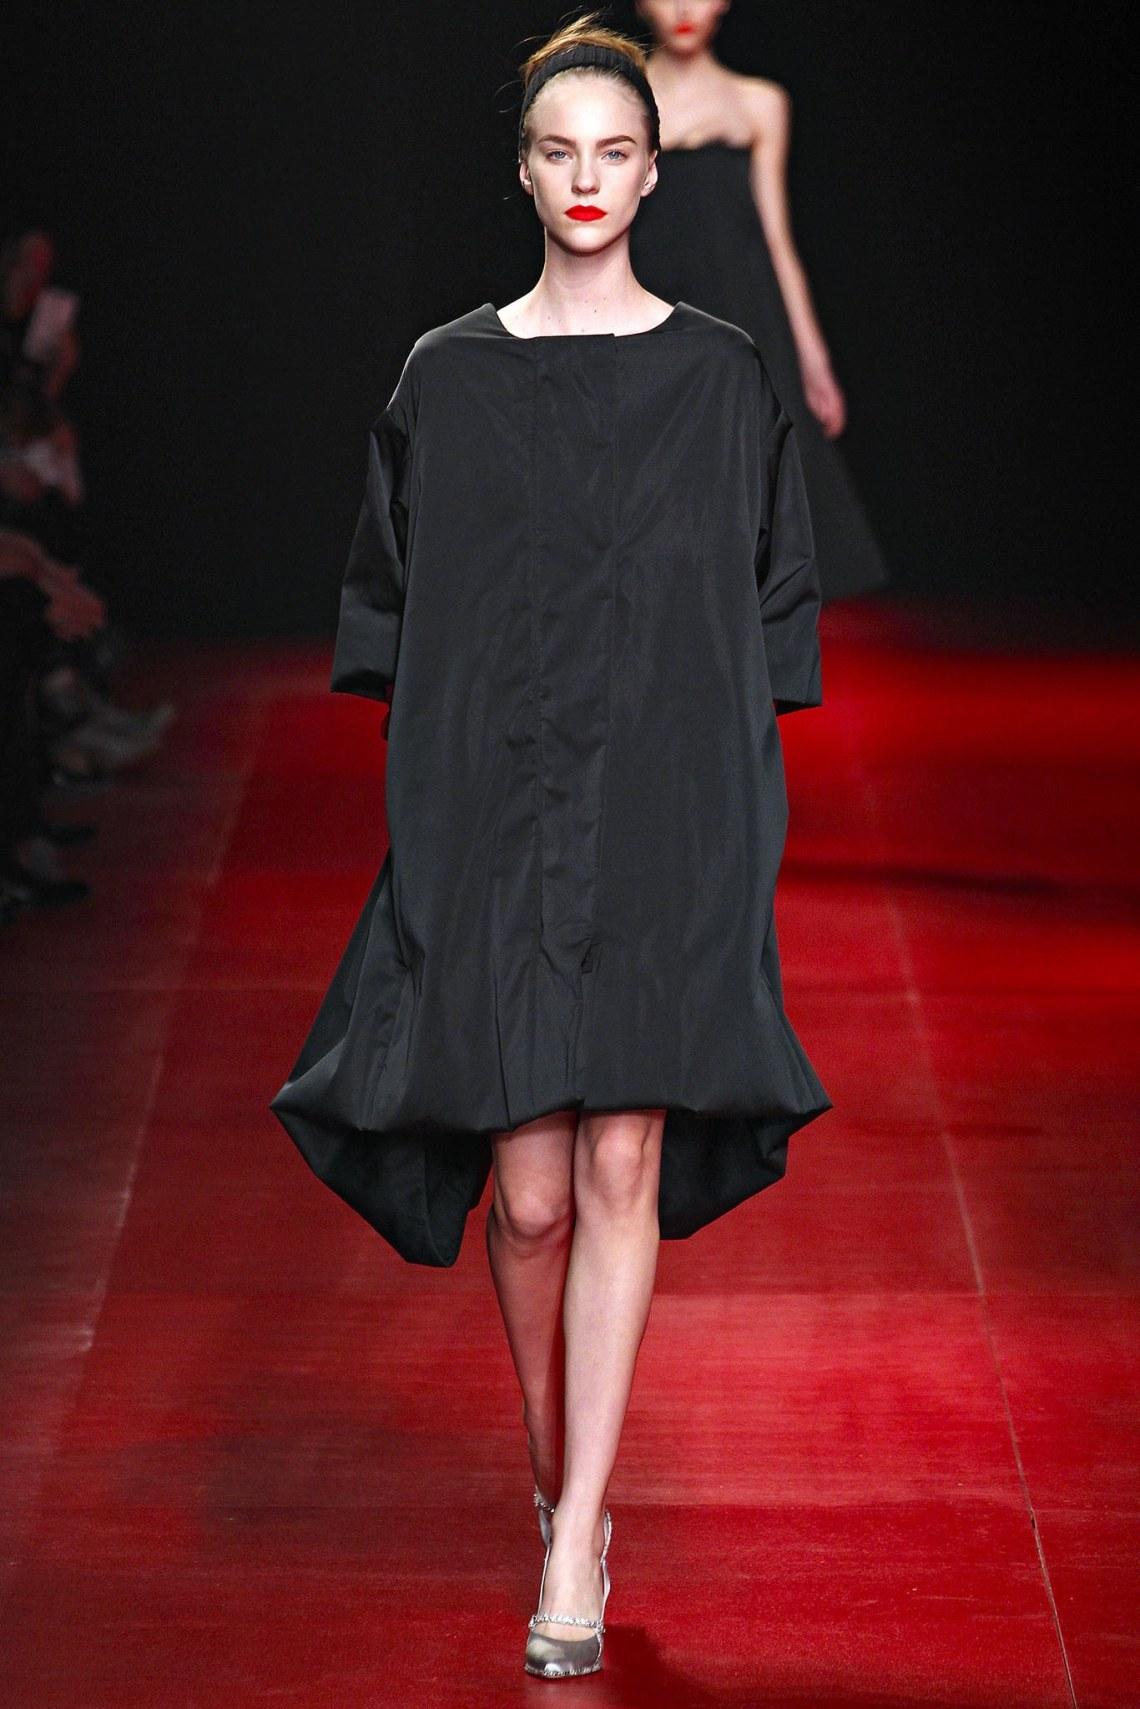 nina ricci fall 2013 taffeta dress.JPG